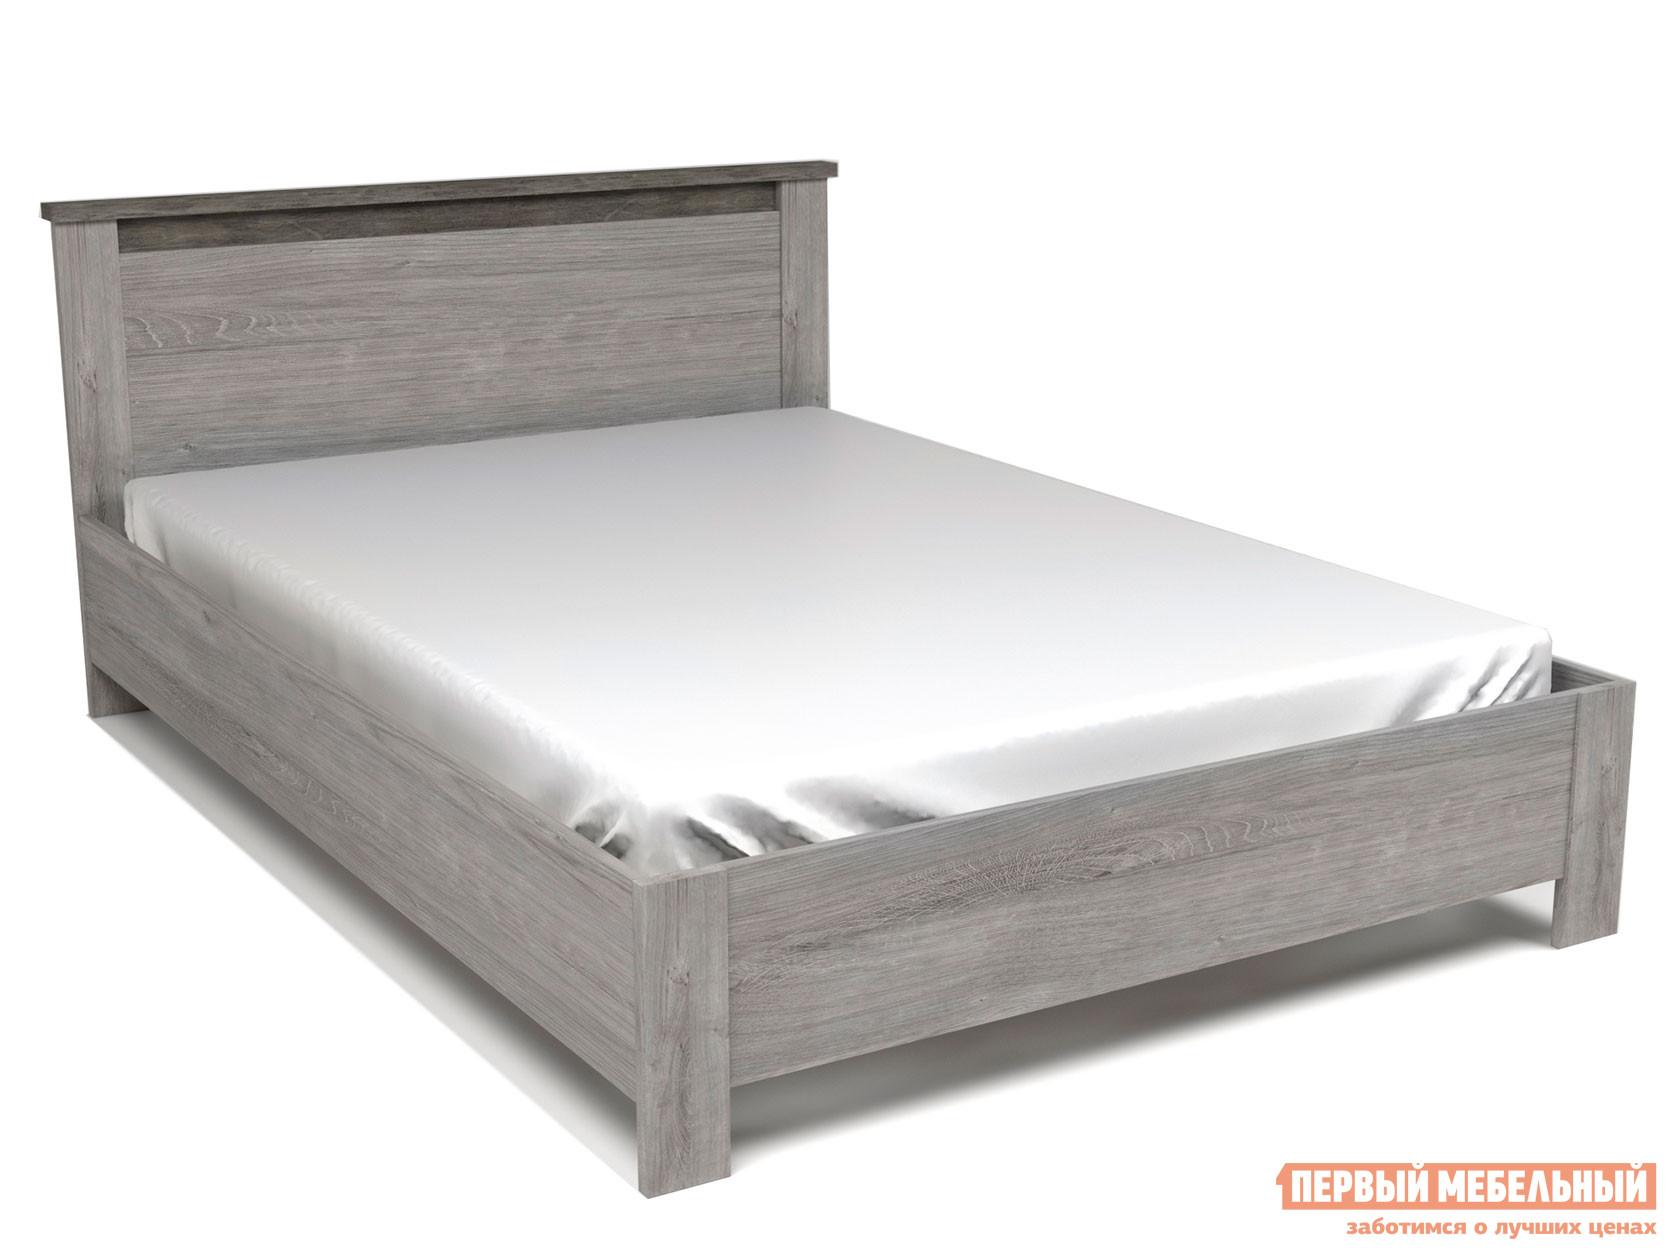 Двуспальная кровать Первый Мебельный Кровать Денвер